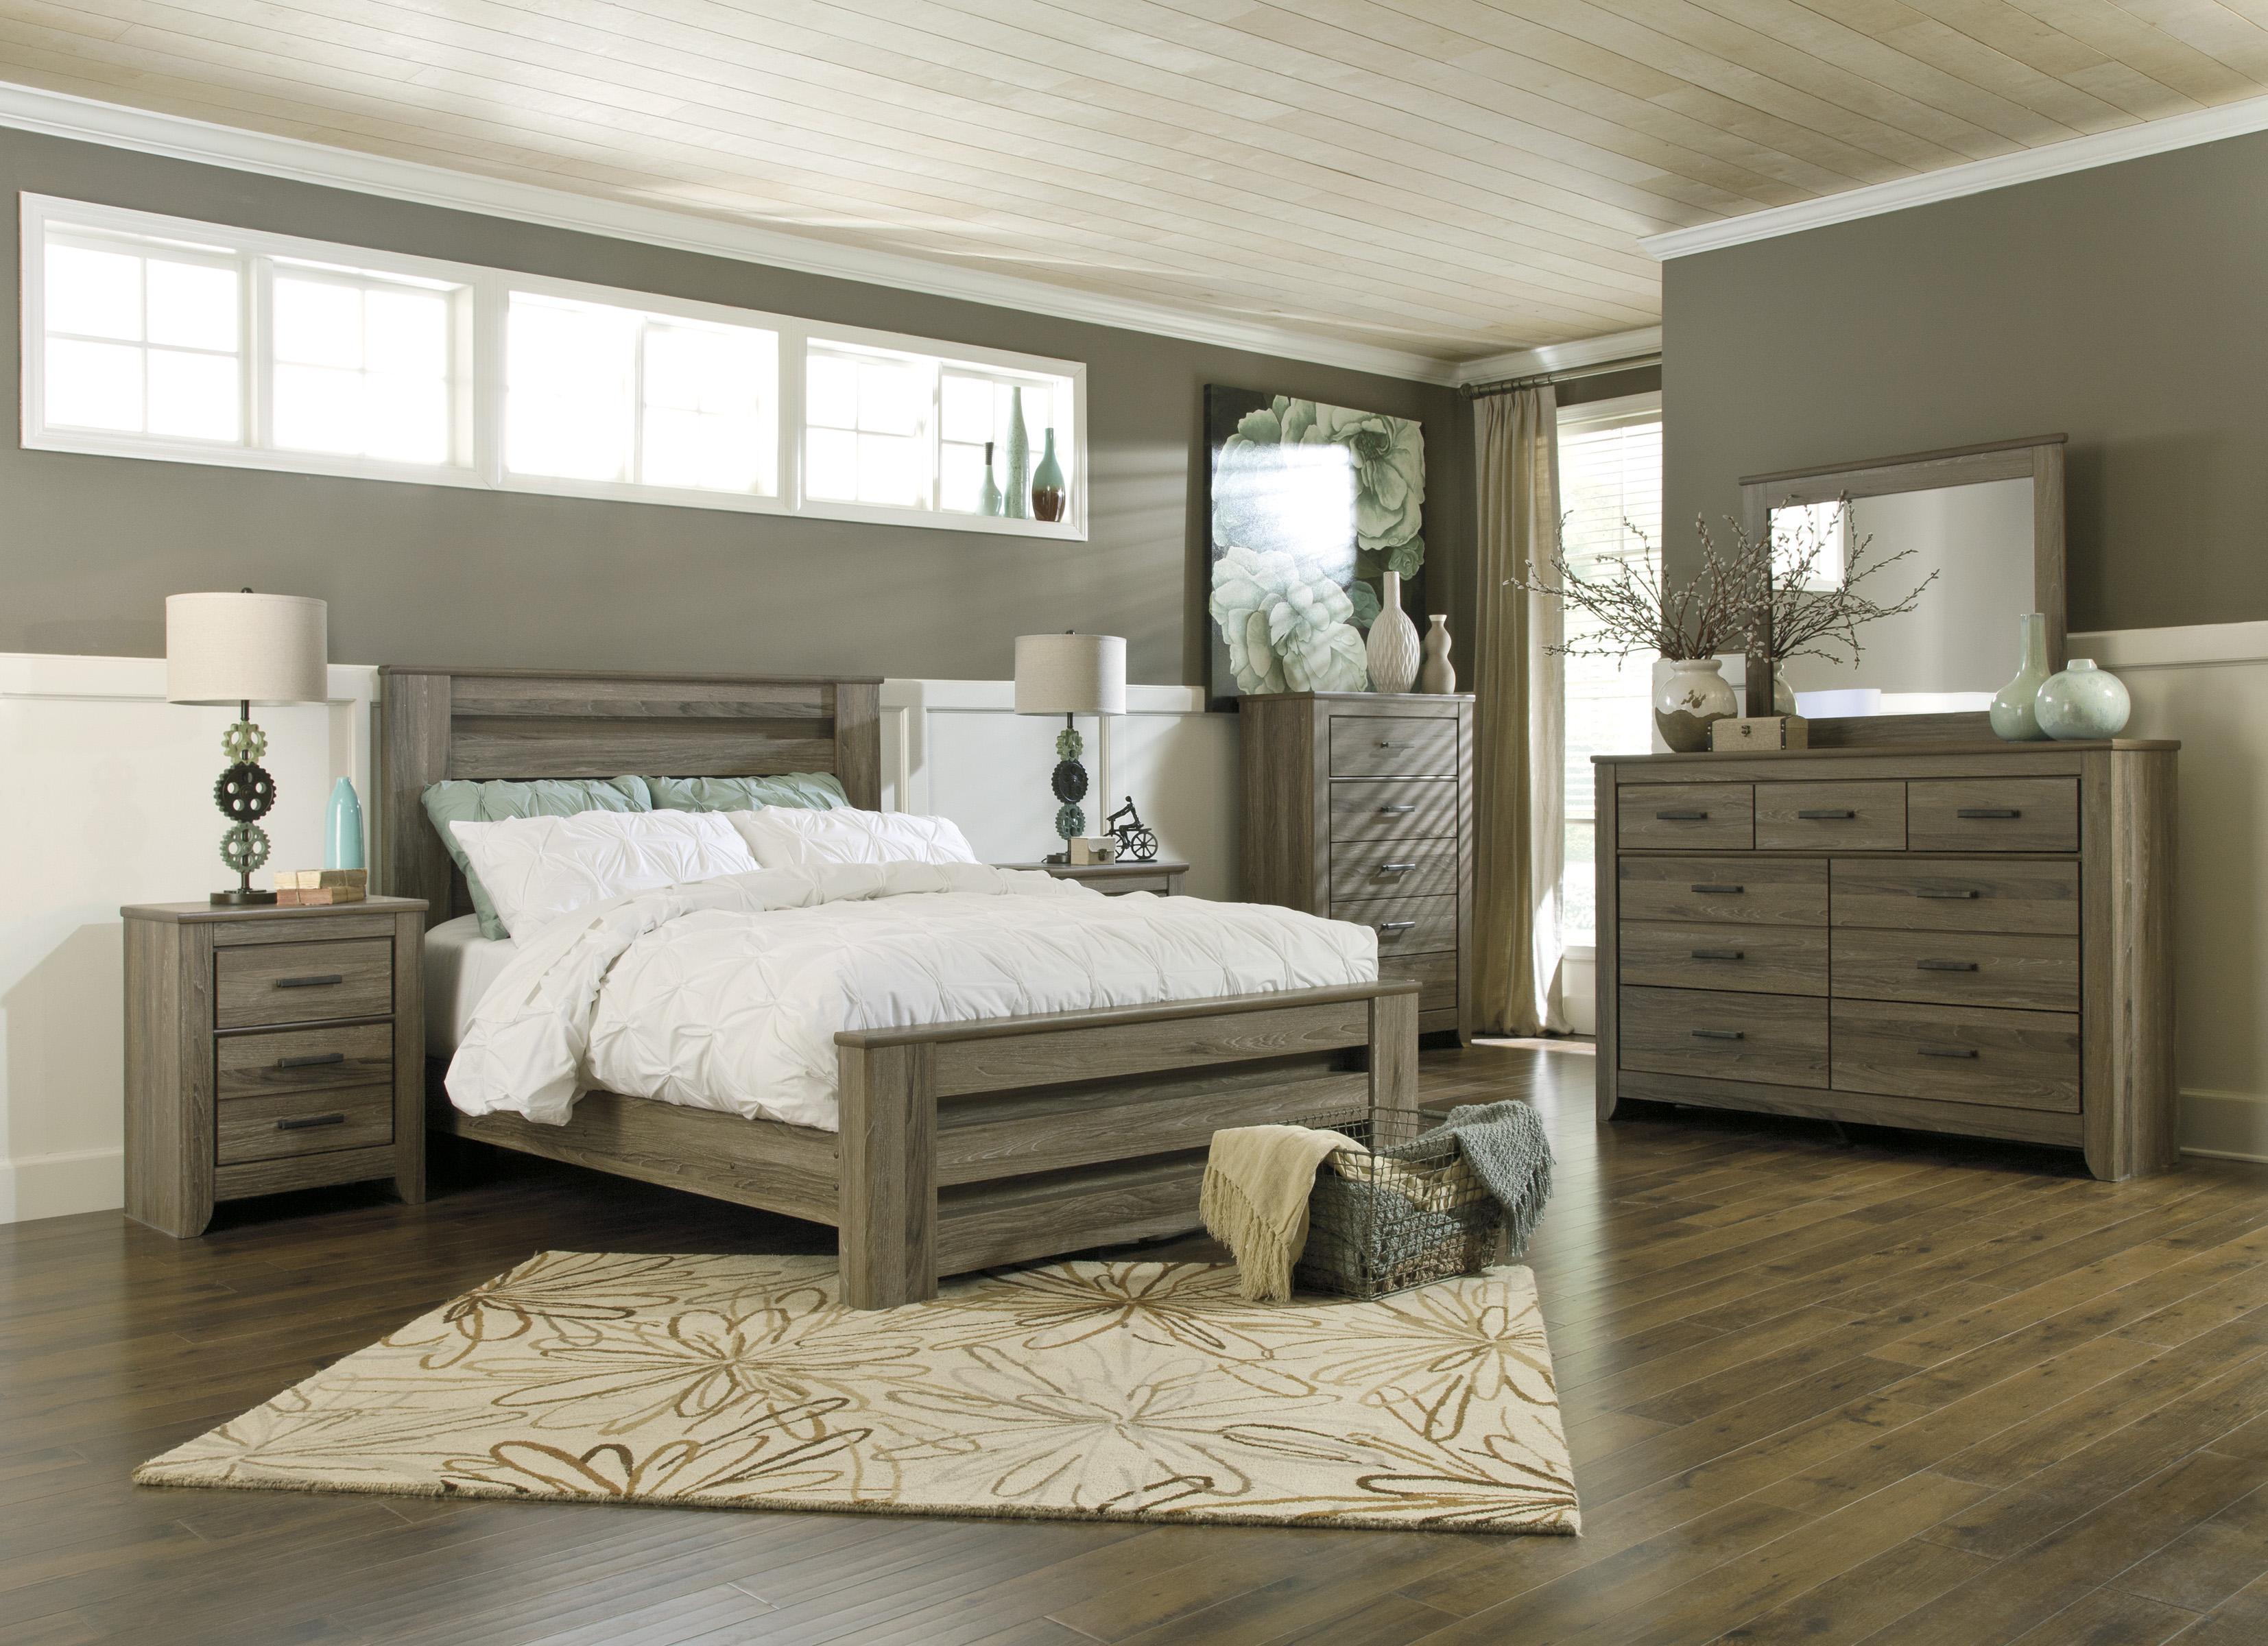 Signature Design by Ashley Zelen Queen Bedroom Group - Item Number: B248 Q Bedroom Group 2